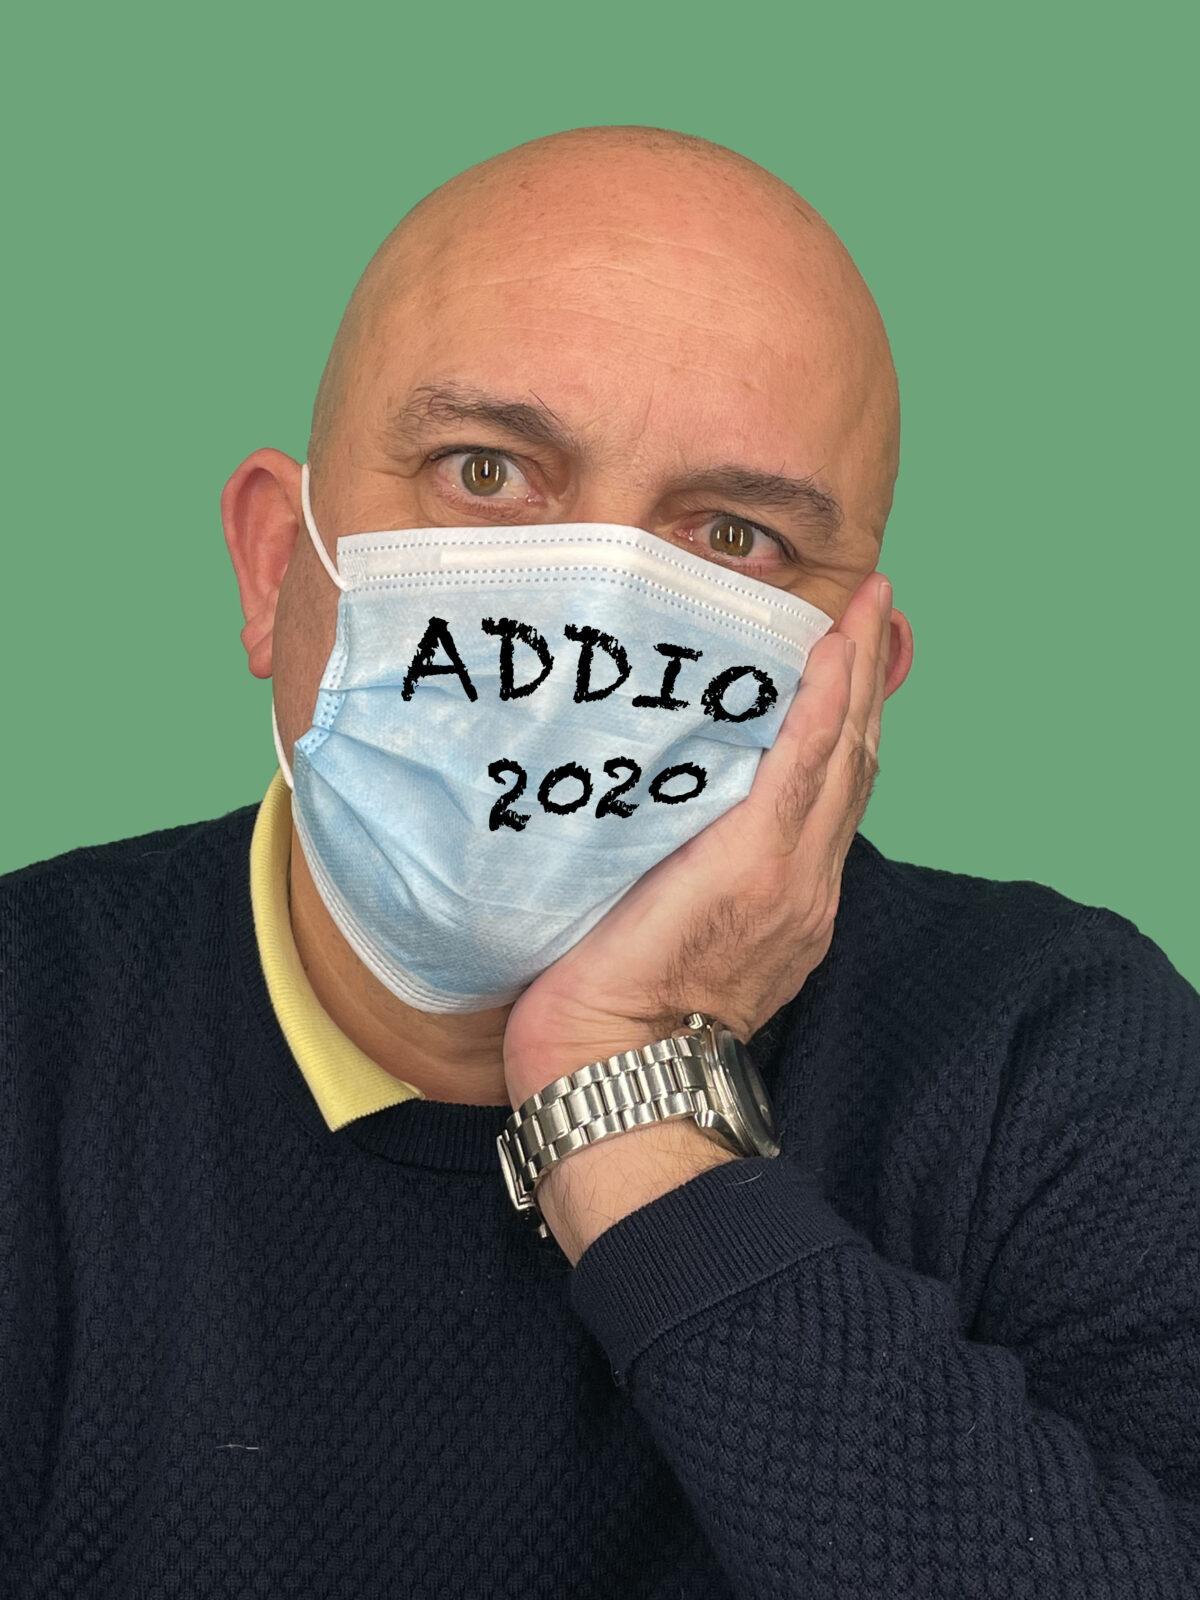 2020 anno del Covid e di Gianmario Bertollo e LEGGE3.it in prima pagina con un articolo del più grande giornalista italiano: Vittorio Feltri